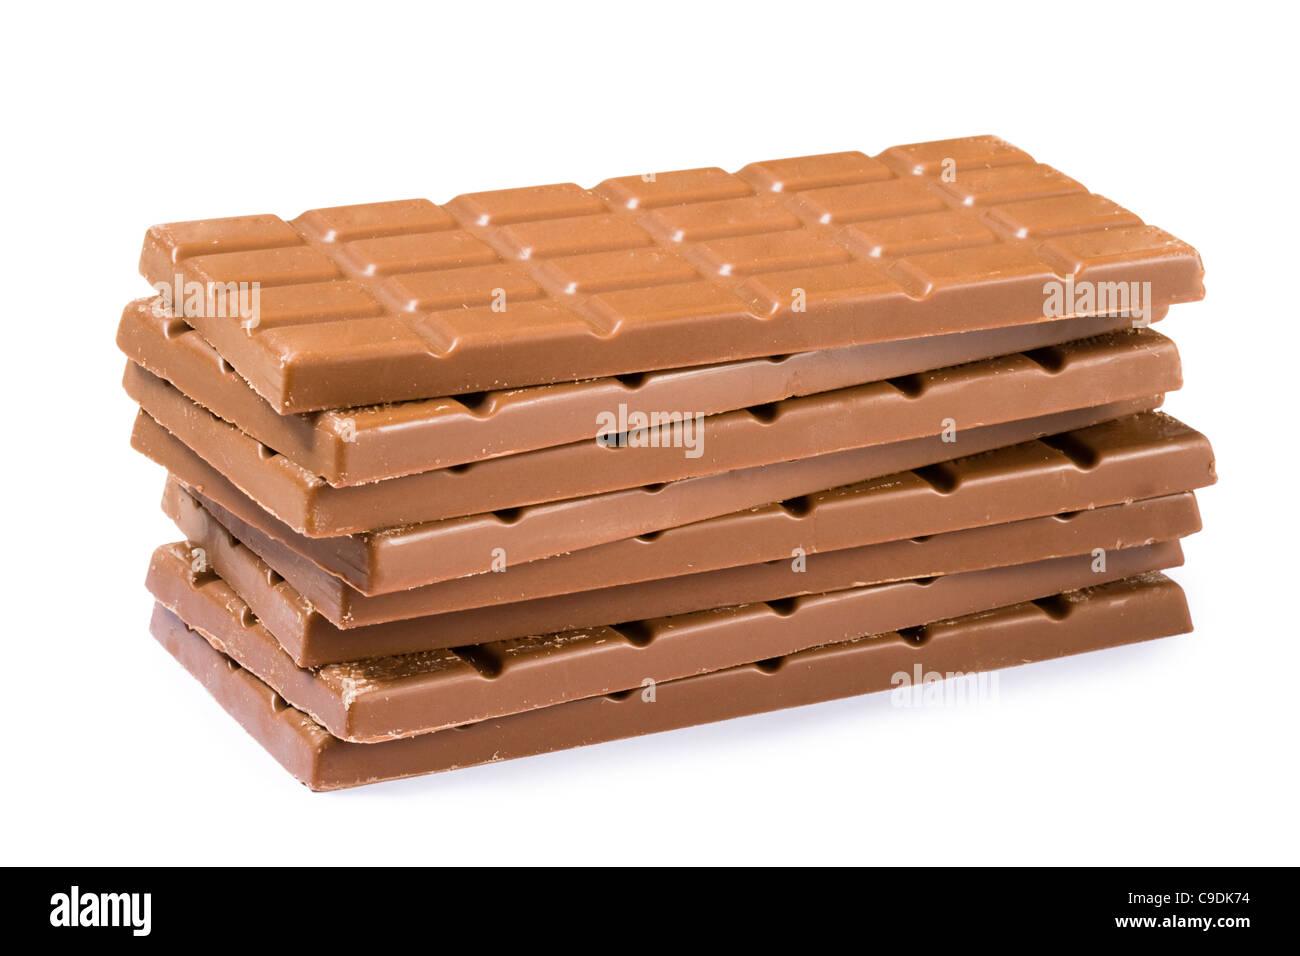 Pila di cioccolato. Immagini Stock